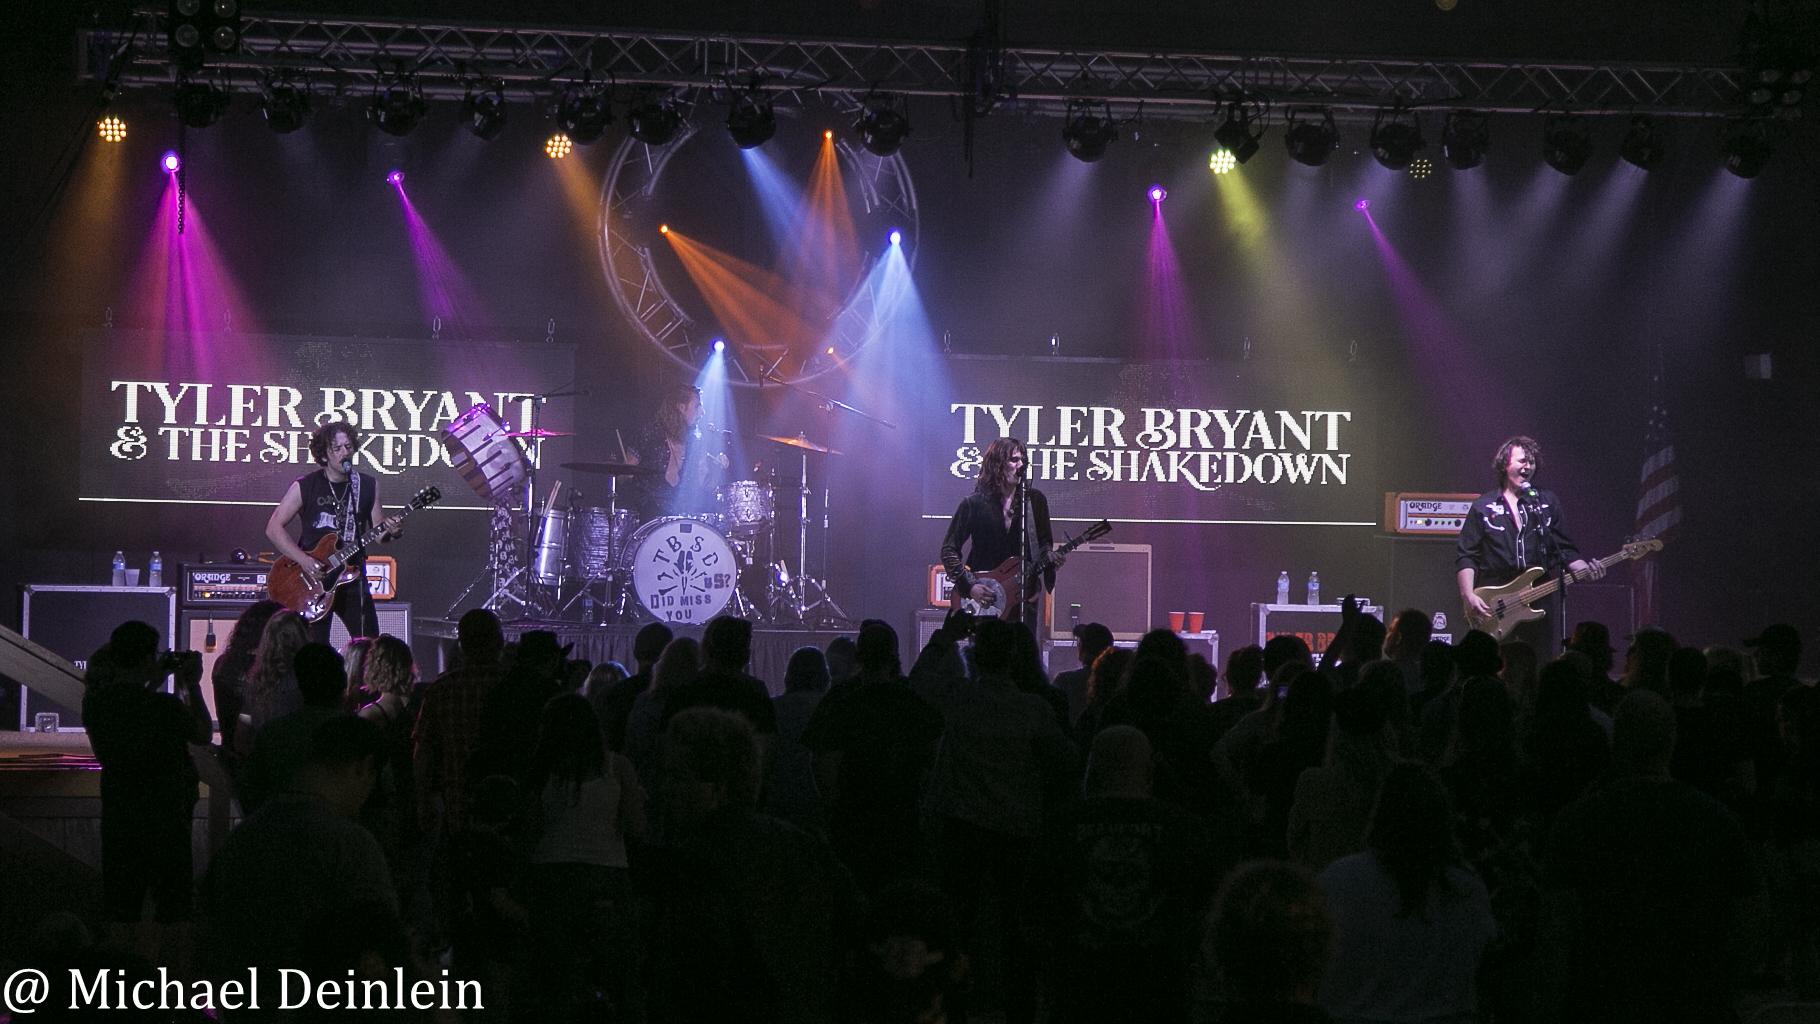 TylerBryantandTheShakedown-JDLegends-Franklin_OH-20210718-MichaelDeinlein-17